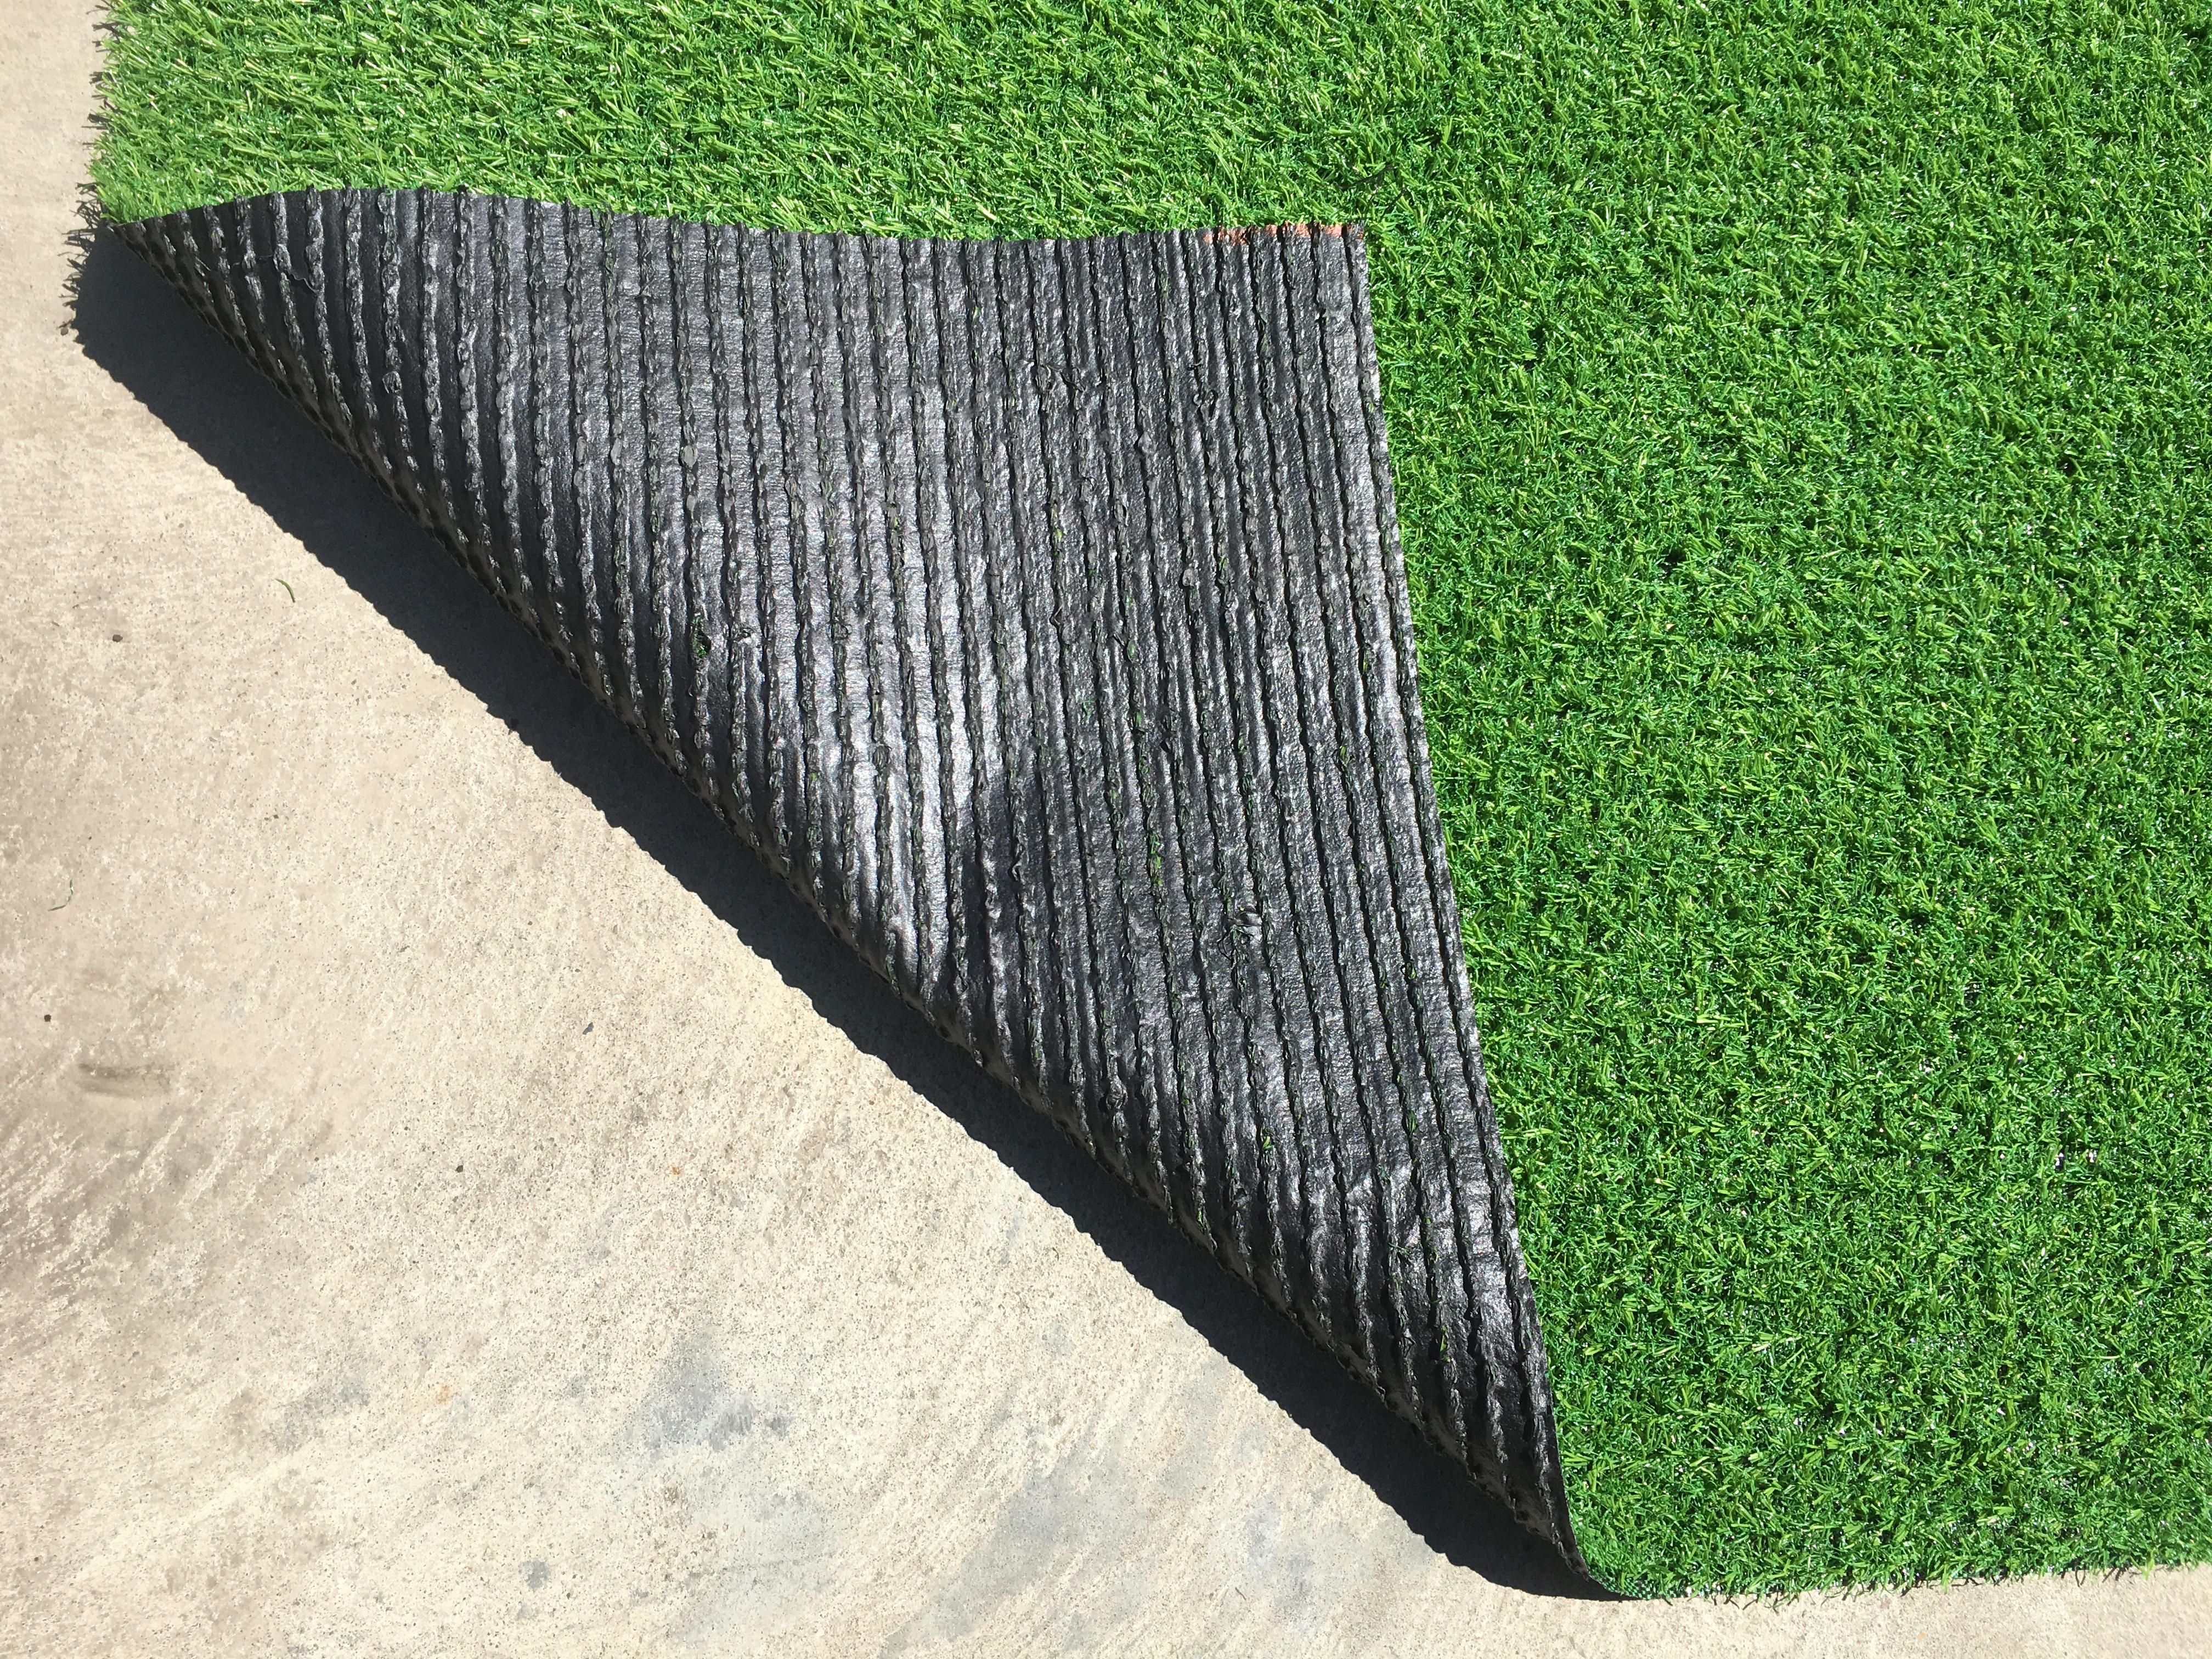 Covor Iarba Artificiala, Tip Gazon, Verde, Tropicana, 100% Polipropilena, 10 mm, 300x400 cm3